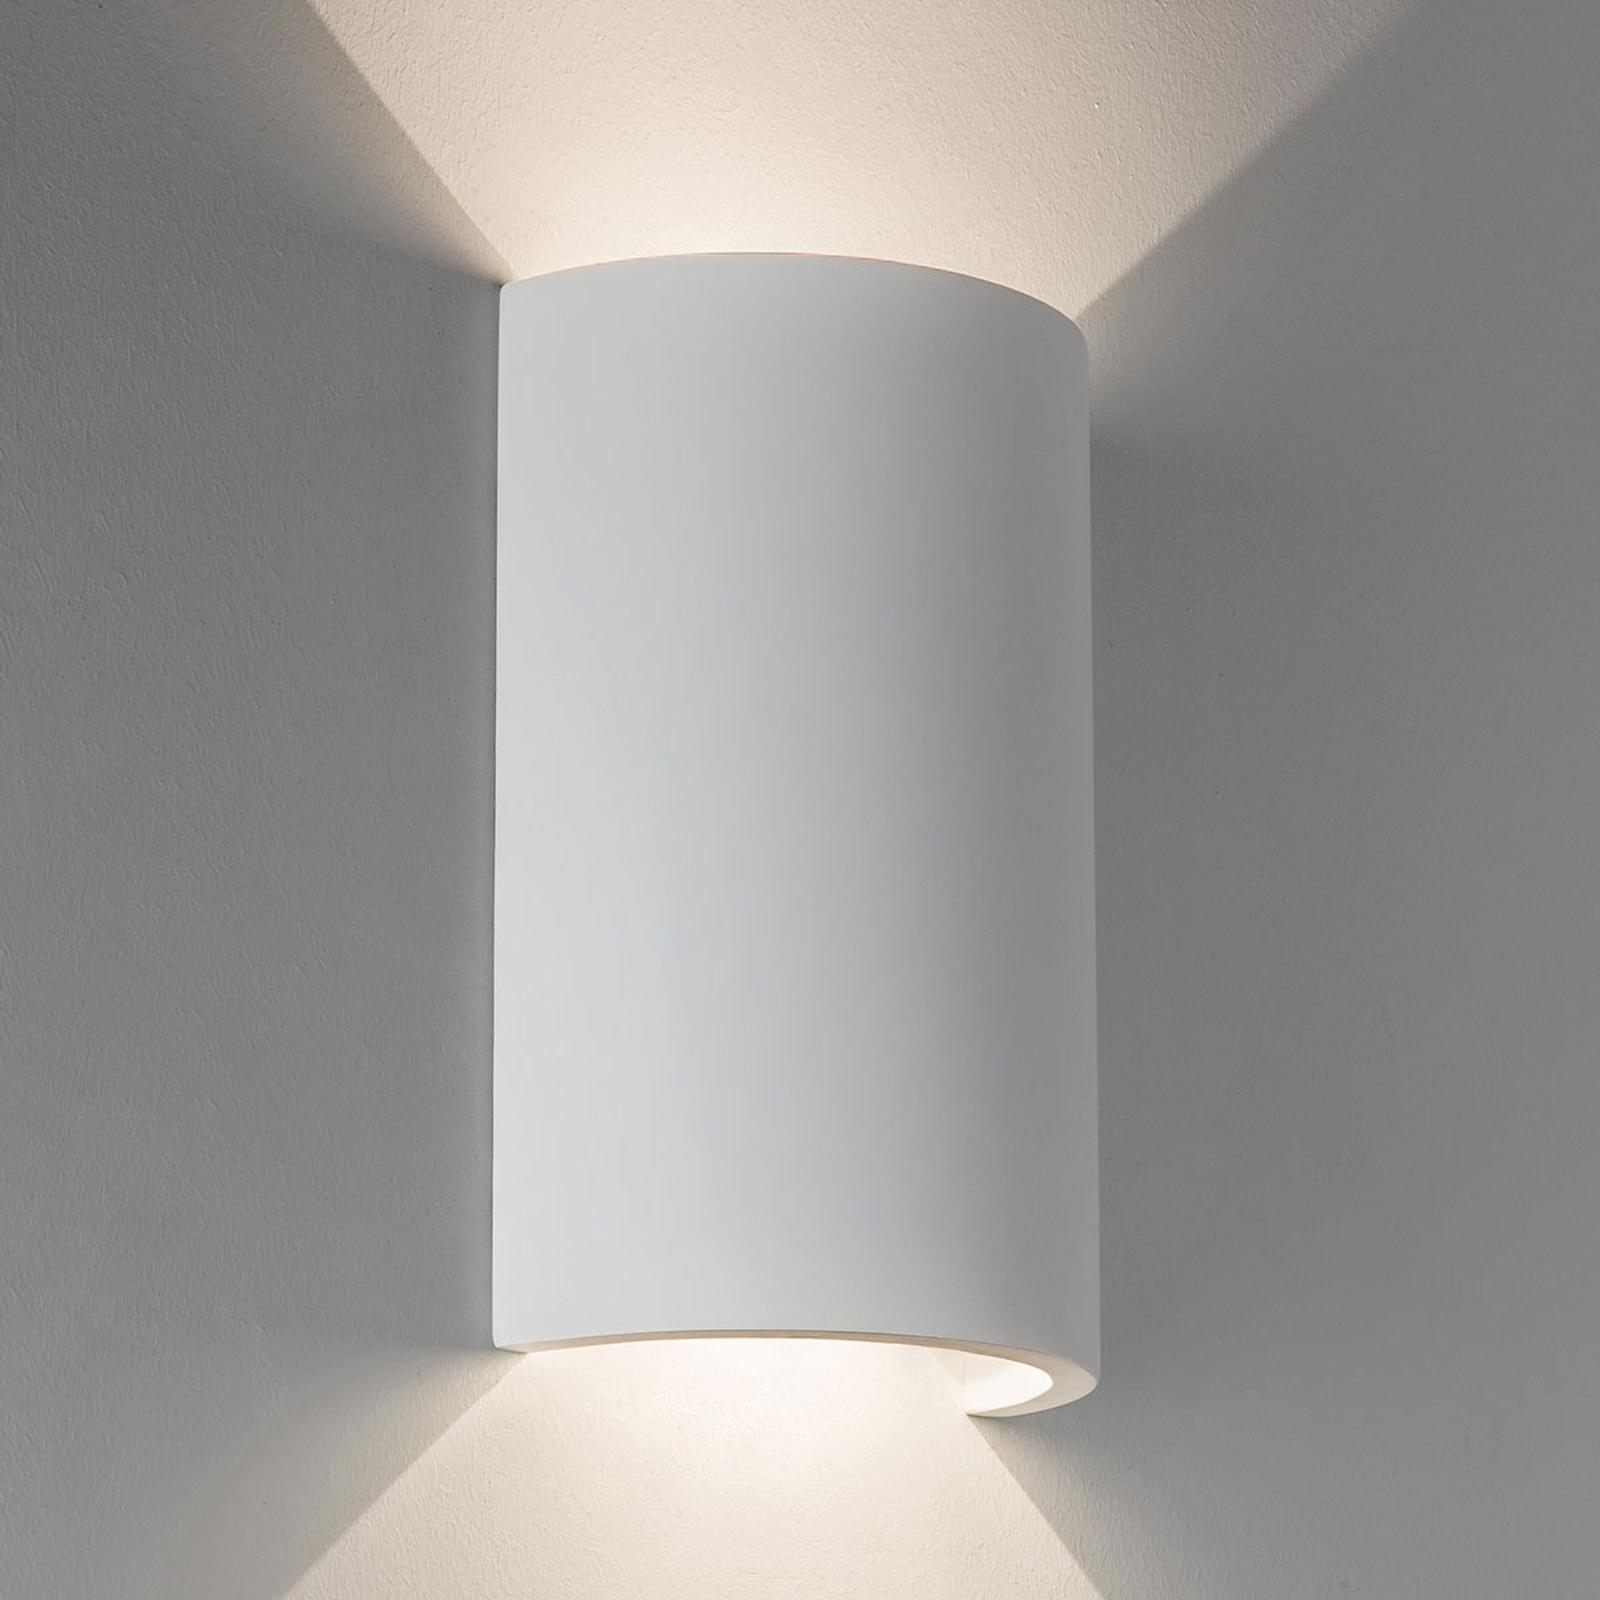 Astro Serifos 170 - sádrové nástěnné světlo LED